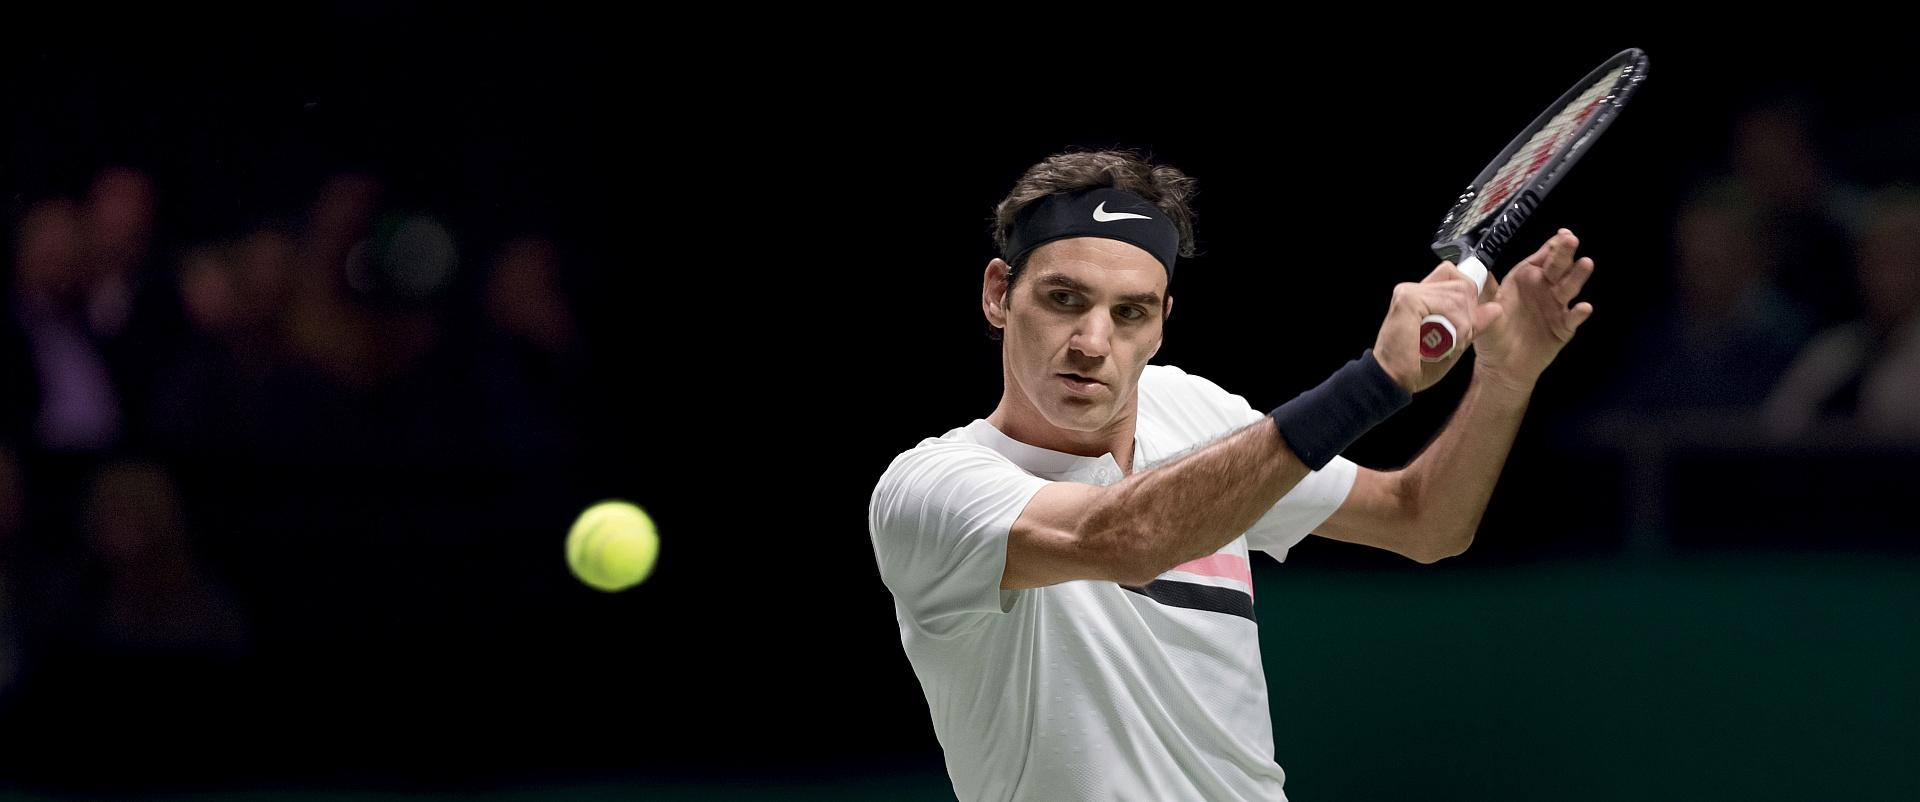 勞力士代言人羅傑.費德勒(Roger Federer)再締傳奇,於鹿特丹ABN AMRO世界網球賽奪冠後重返世界第一